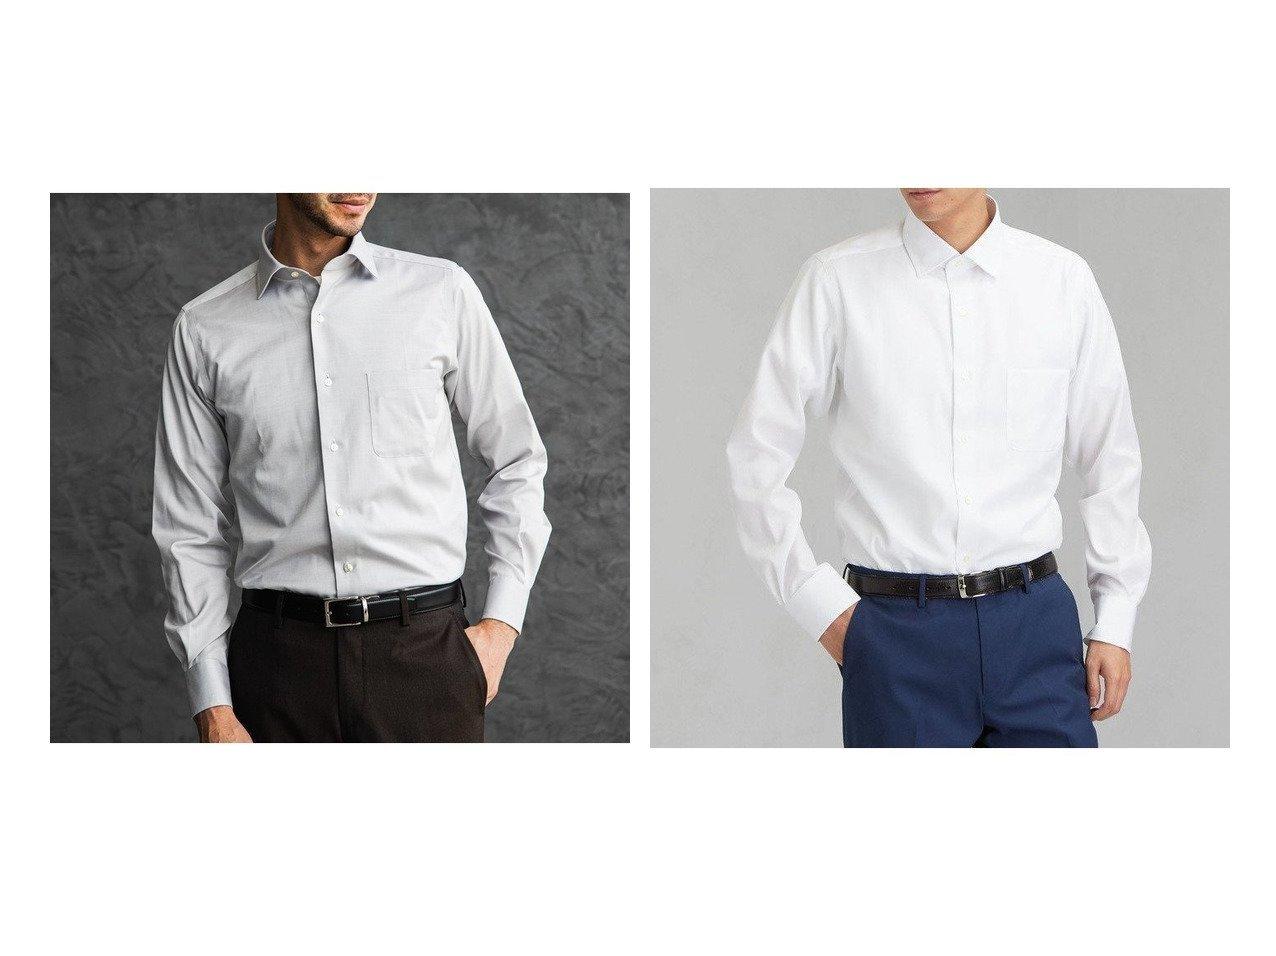 【green label relaxing / UNITED ARROWS / MEN/グリーンレーベルリラクシング メン】のスリムI マイクロヘリンボーン ショートワイドカラー ドレスシャツ 【MEN】おすすめ!人気トレンド・男性、メンズファッションの通販 おすすめで人気の流行・トレンド、ファッションの通販商品 メンズファッション・キッズファッション・インテリア・家具・レディースファッション・服の通販 founy(ファニー) https://founy.com/ ファッション Fashion メンズファッション MEN トップス Tops Tshirt Men シャツ Shirts ショート スリム ドレス ヘリンボーン ポケット ワイド 再入荷 Restock/Back in Stock/Re Arrival 無地 |ID:crp329100000019705